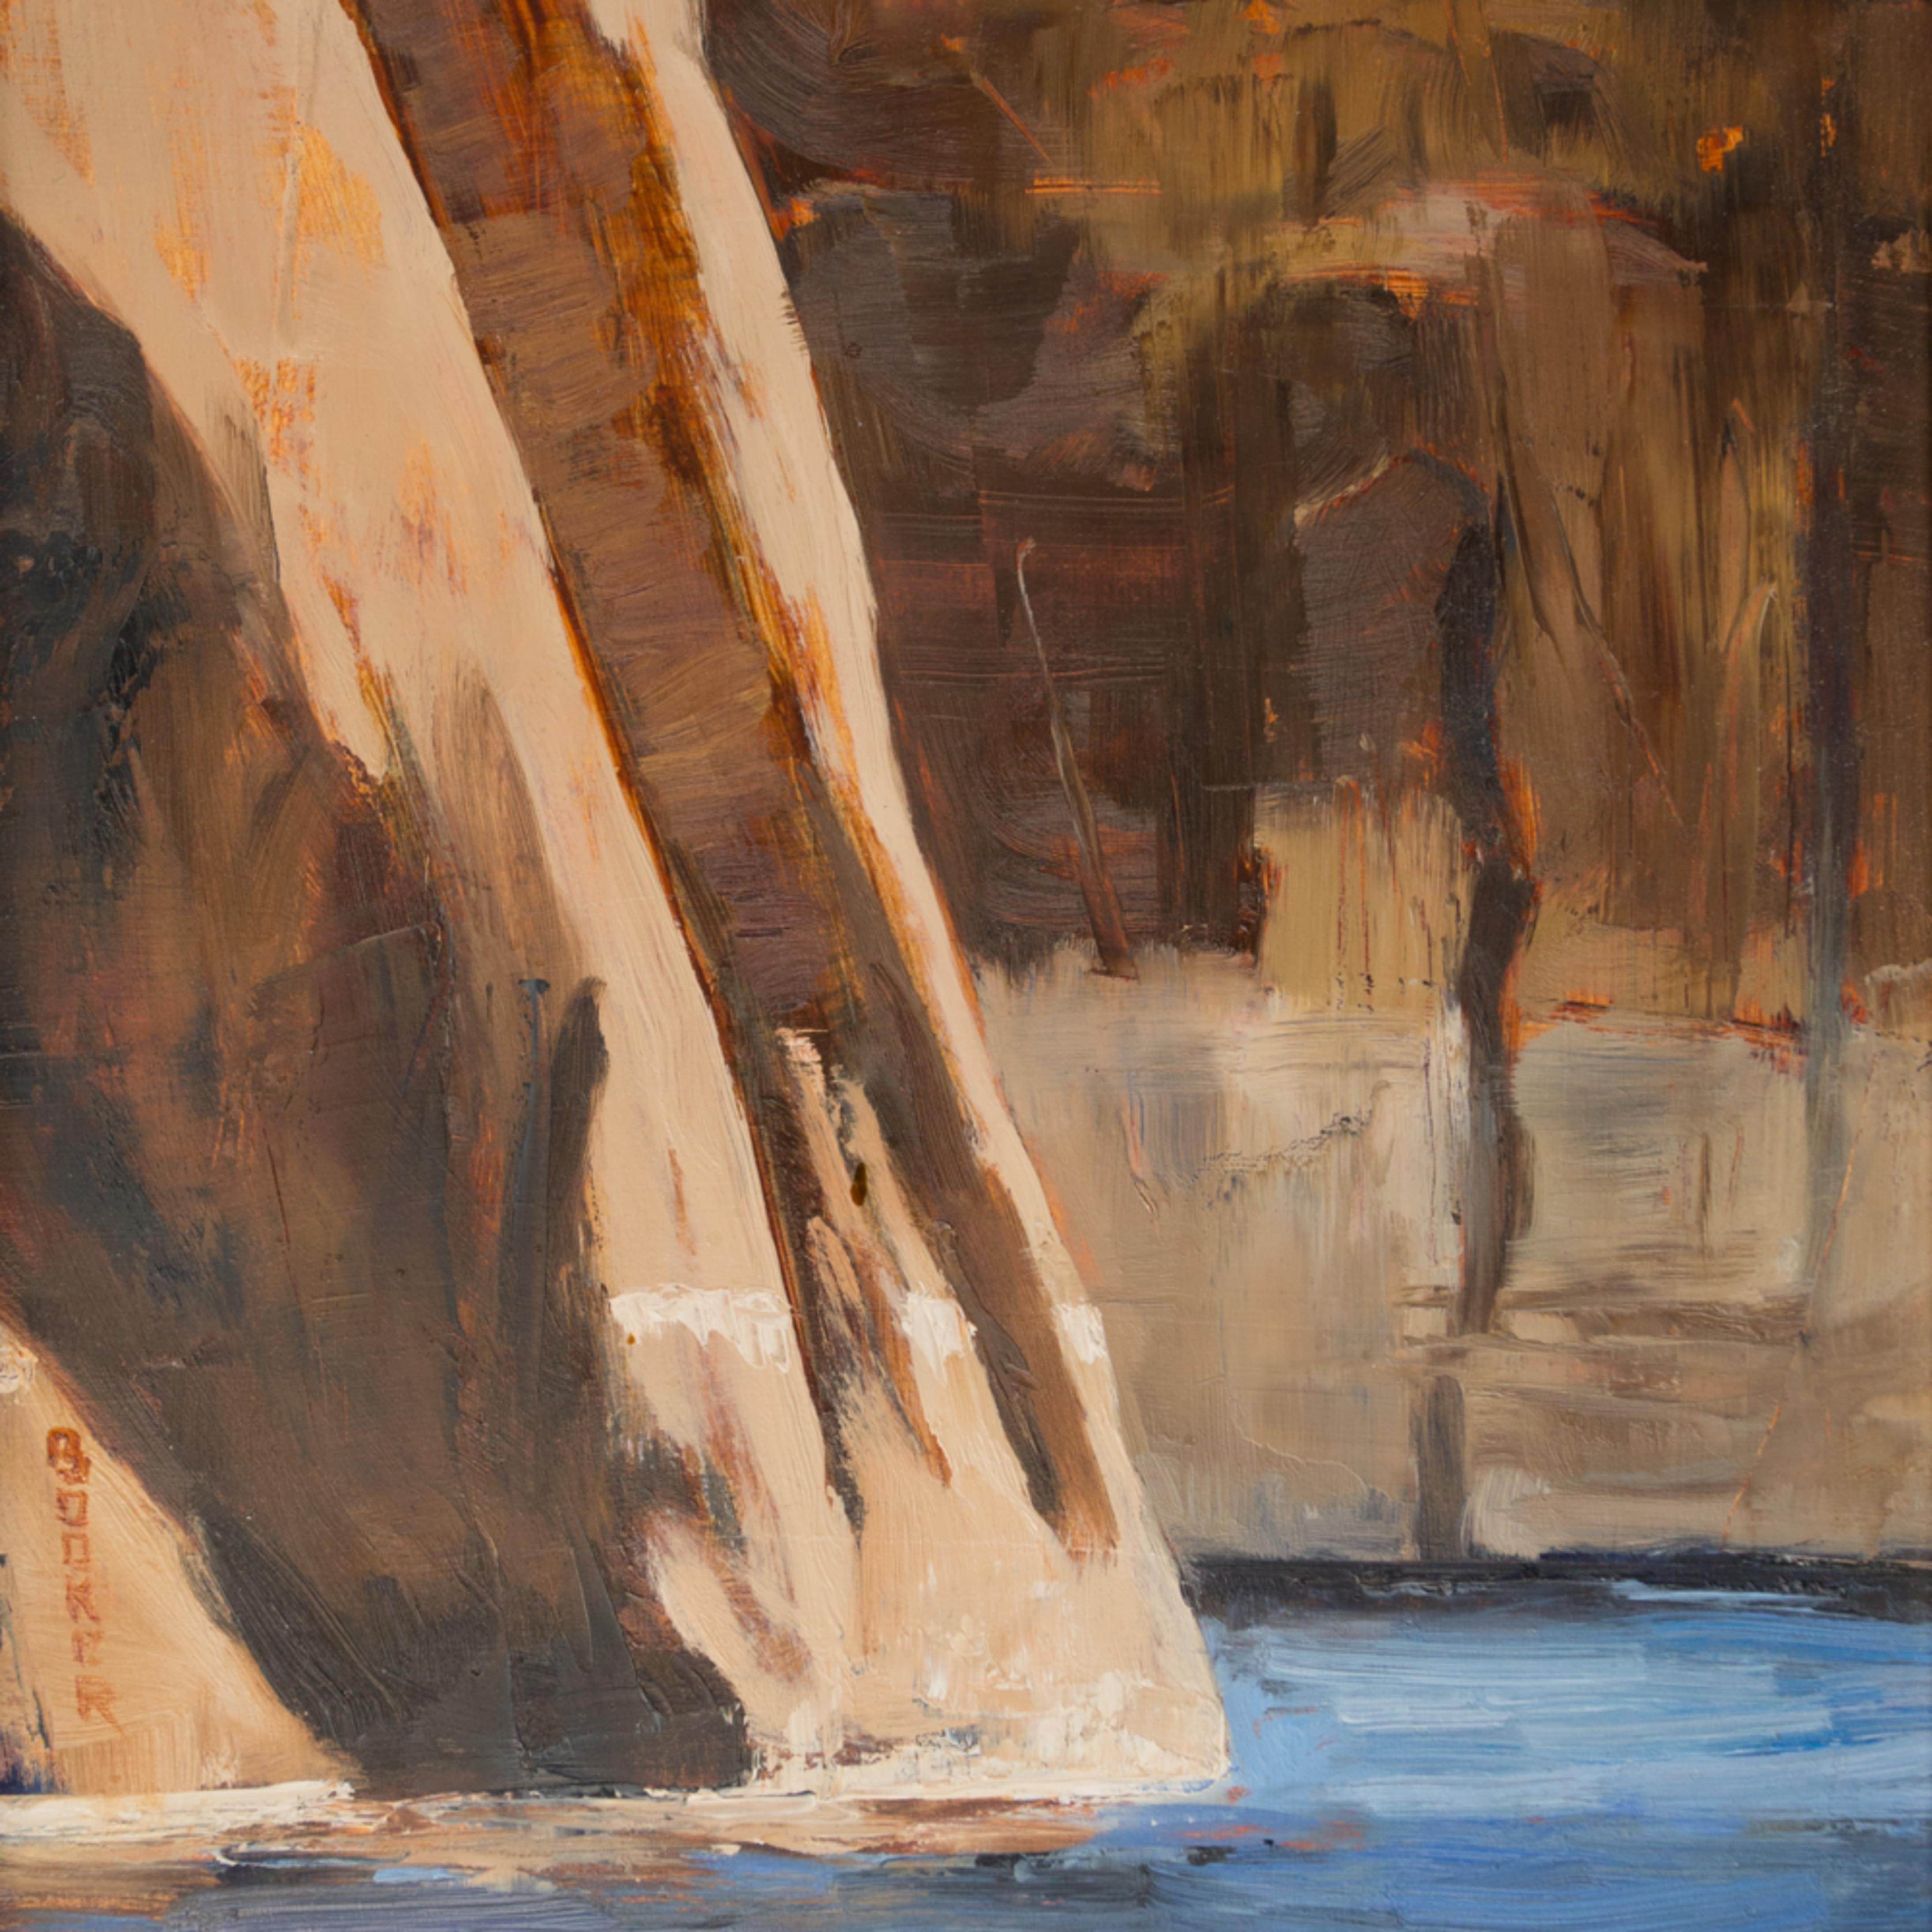 Lake powell canyon walls vdk2ea